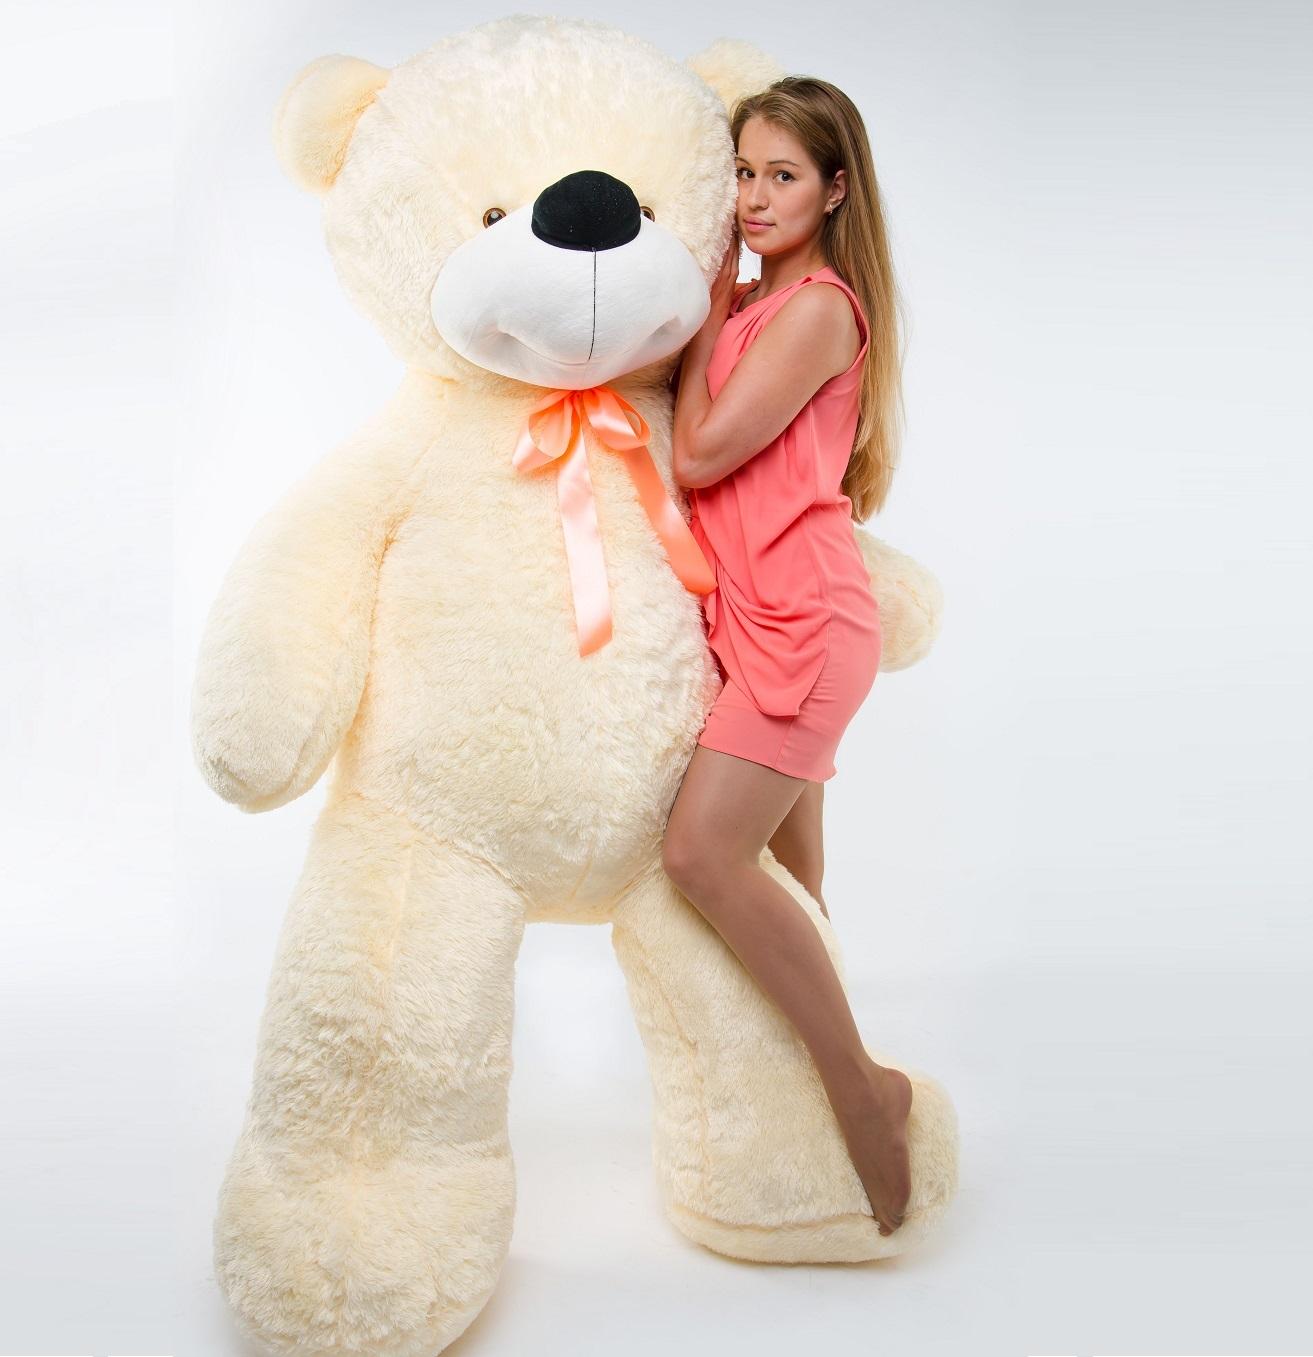 Самые большие игрушки девушек 18 фотография